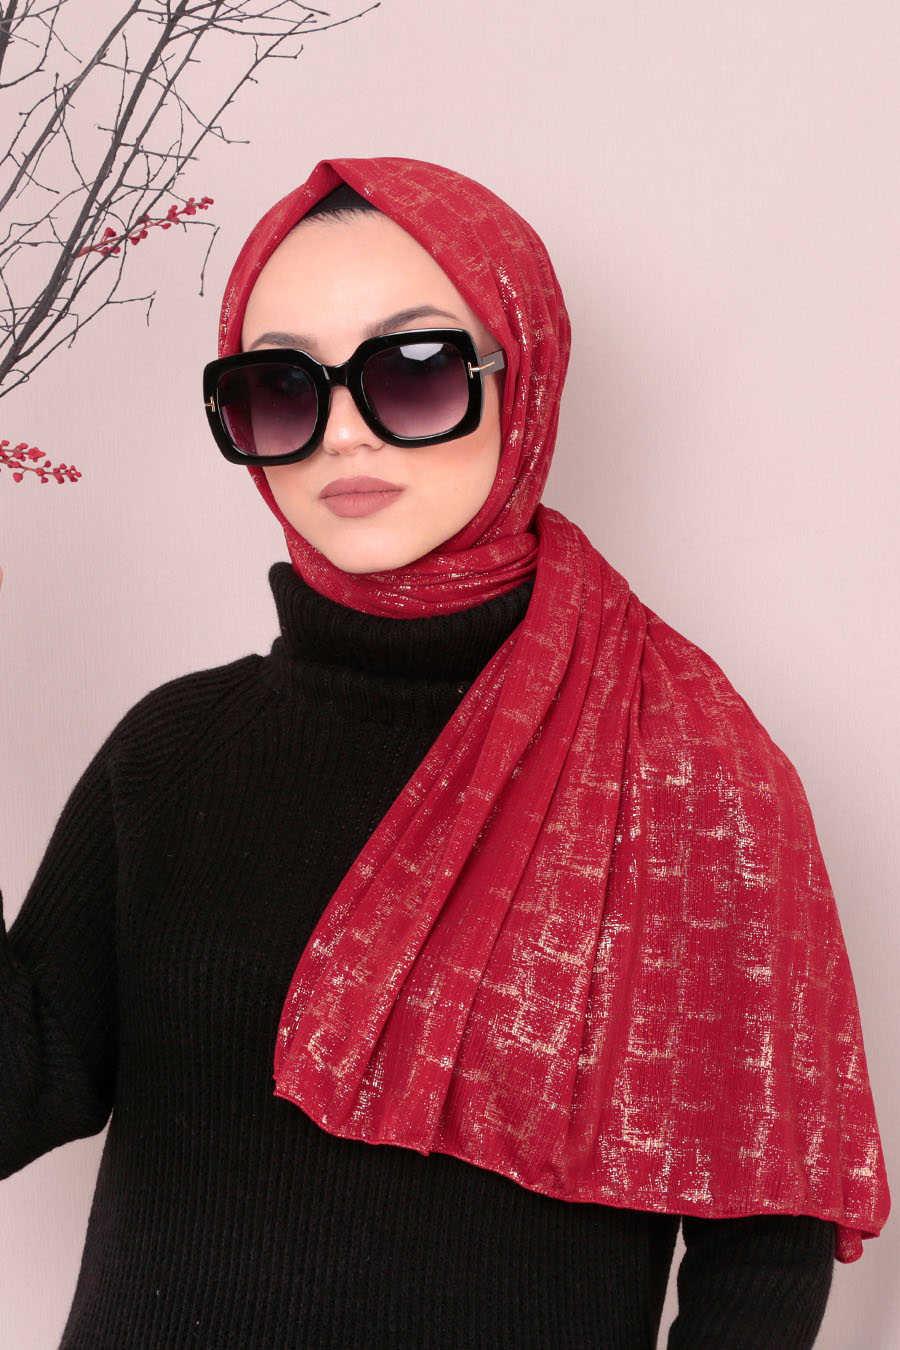 Shawl - Neva Style Red Shawl 7495K